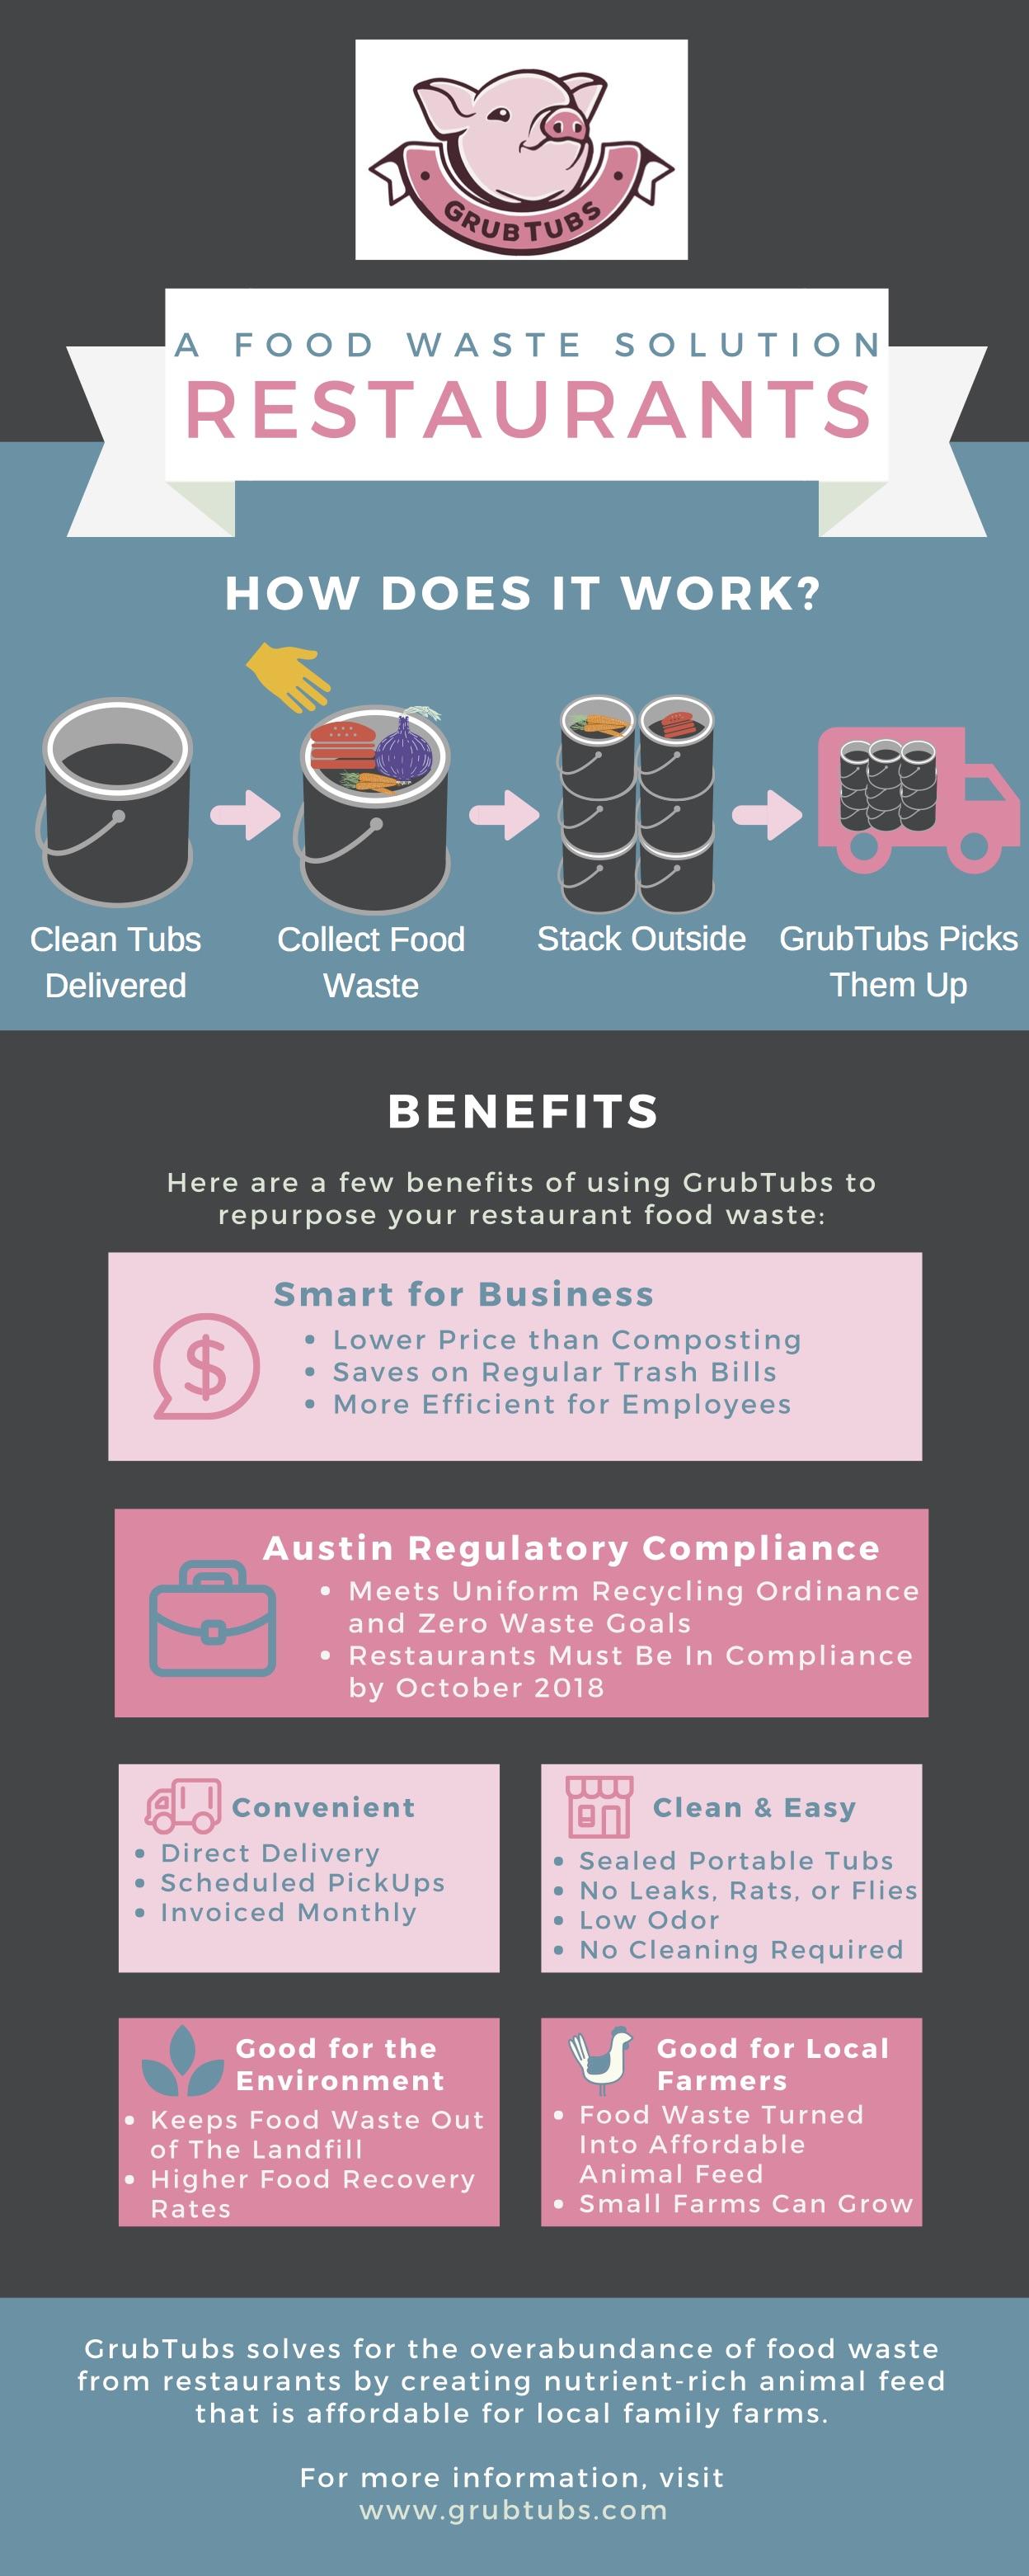 Restaurant Partnership Overview.jpg